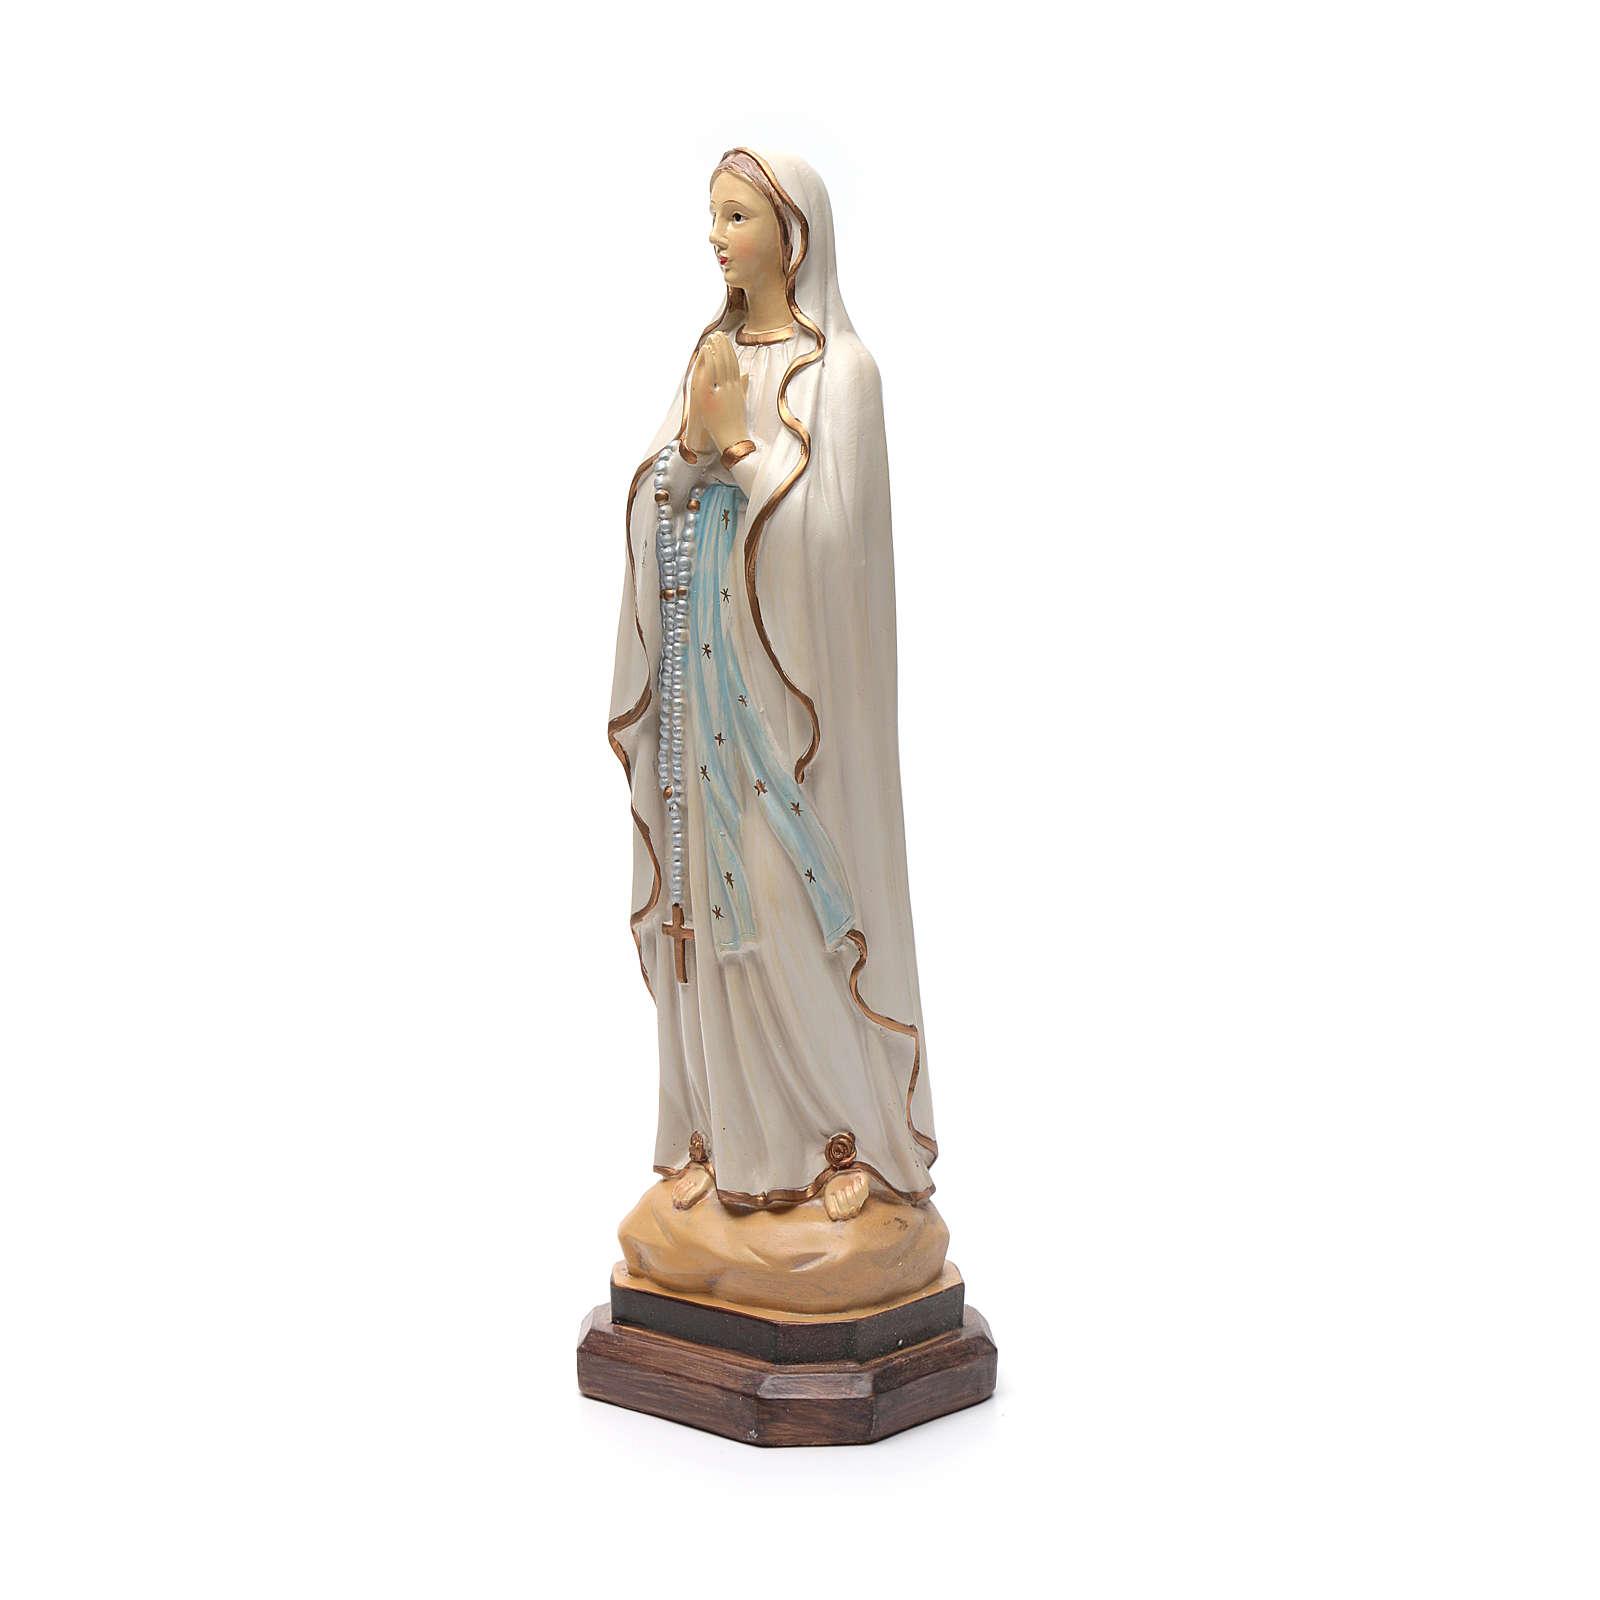 Estatua Virgen de Lourdes resina coloreada 40 cm 4